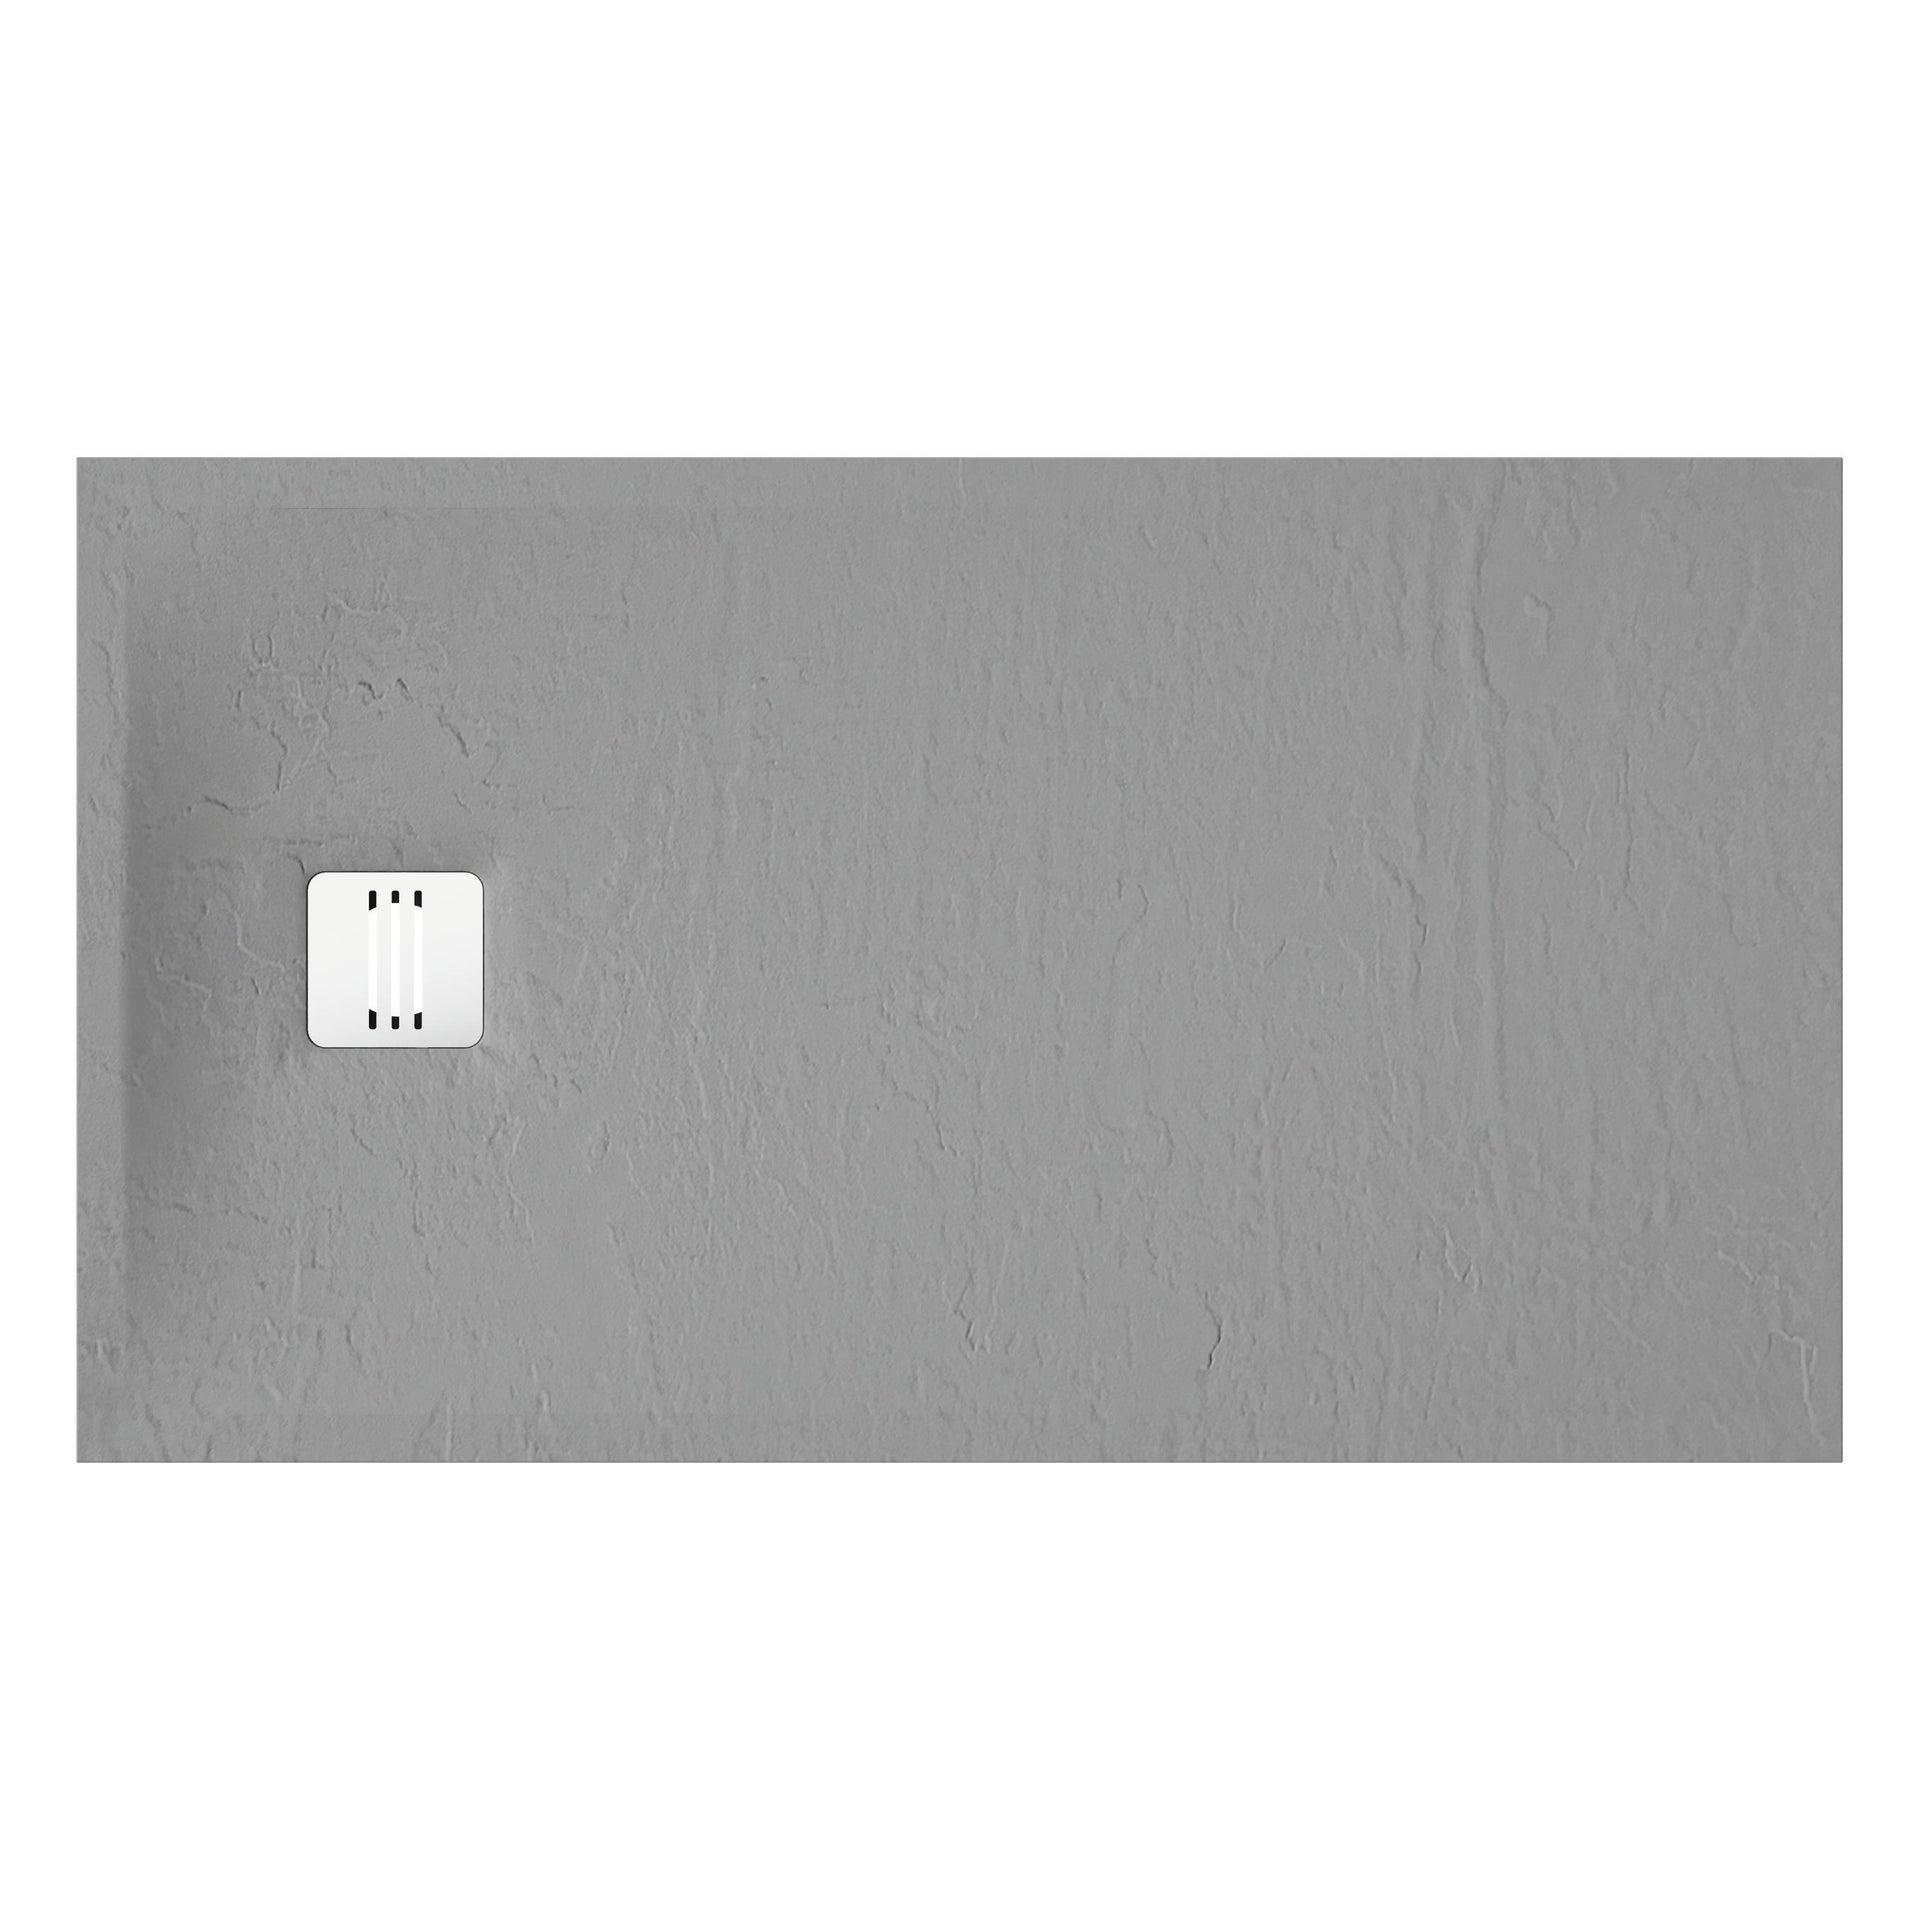 Piatto doccia ultrasottile resina sintetica e polvere di marmo Remix 80 x 140 cm grigio - 4